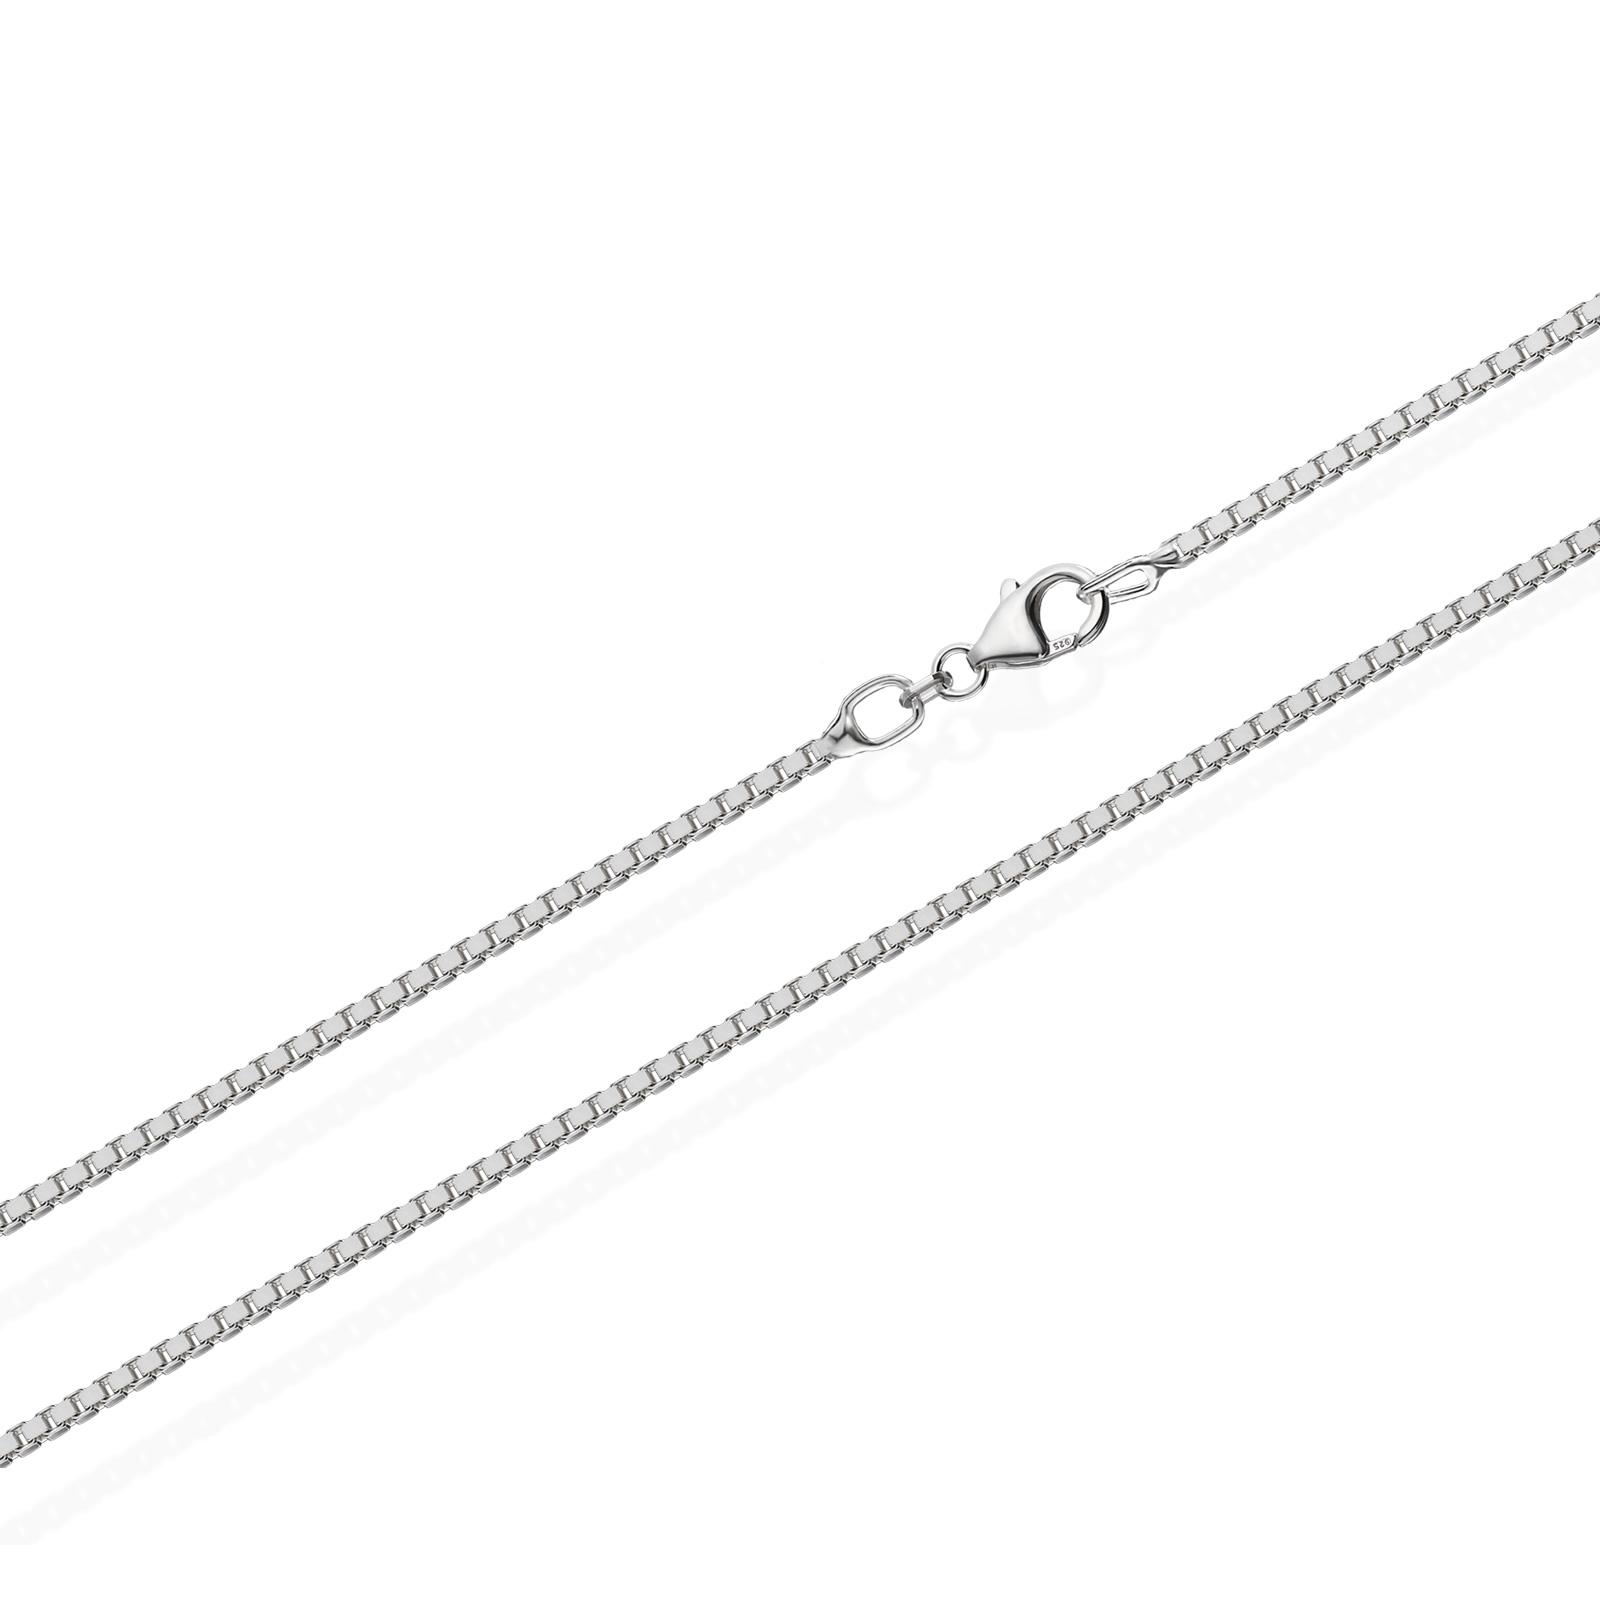 echte 925er Sterlingsilber Venezianerkette Silberkette Halskette Damen Herren 0,60mm